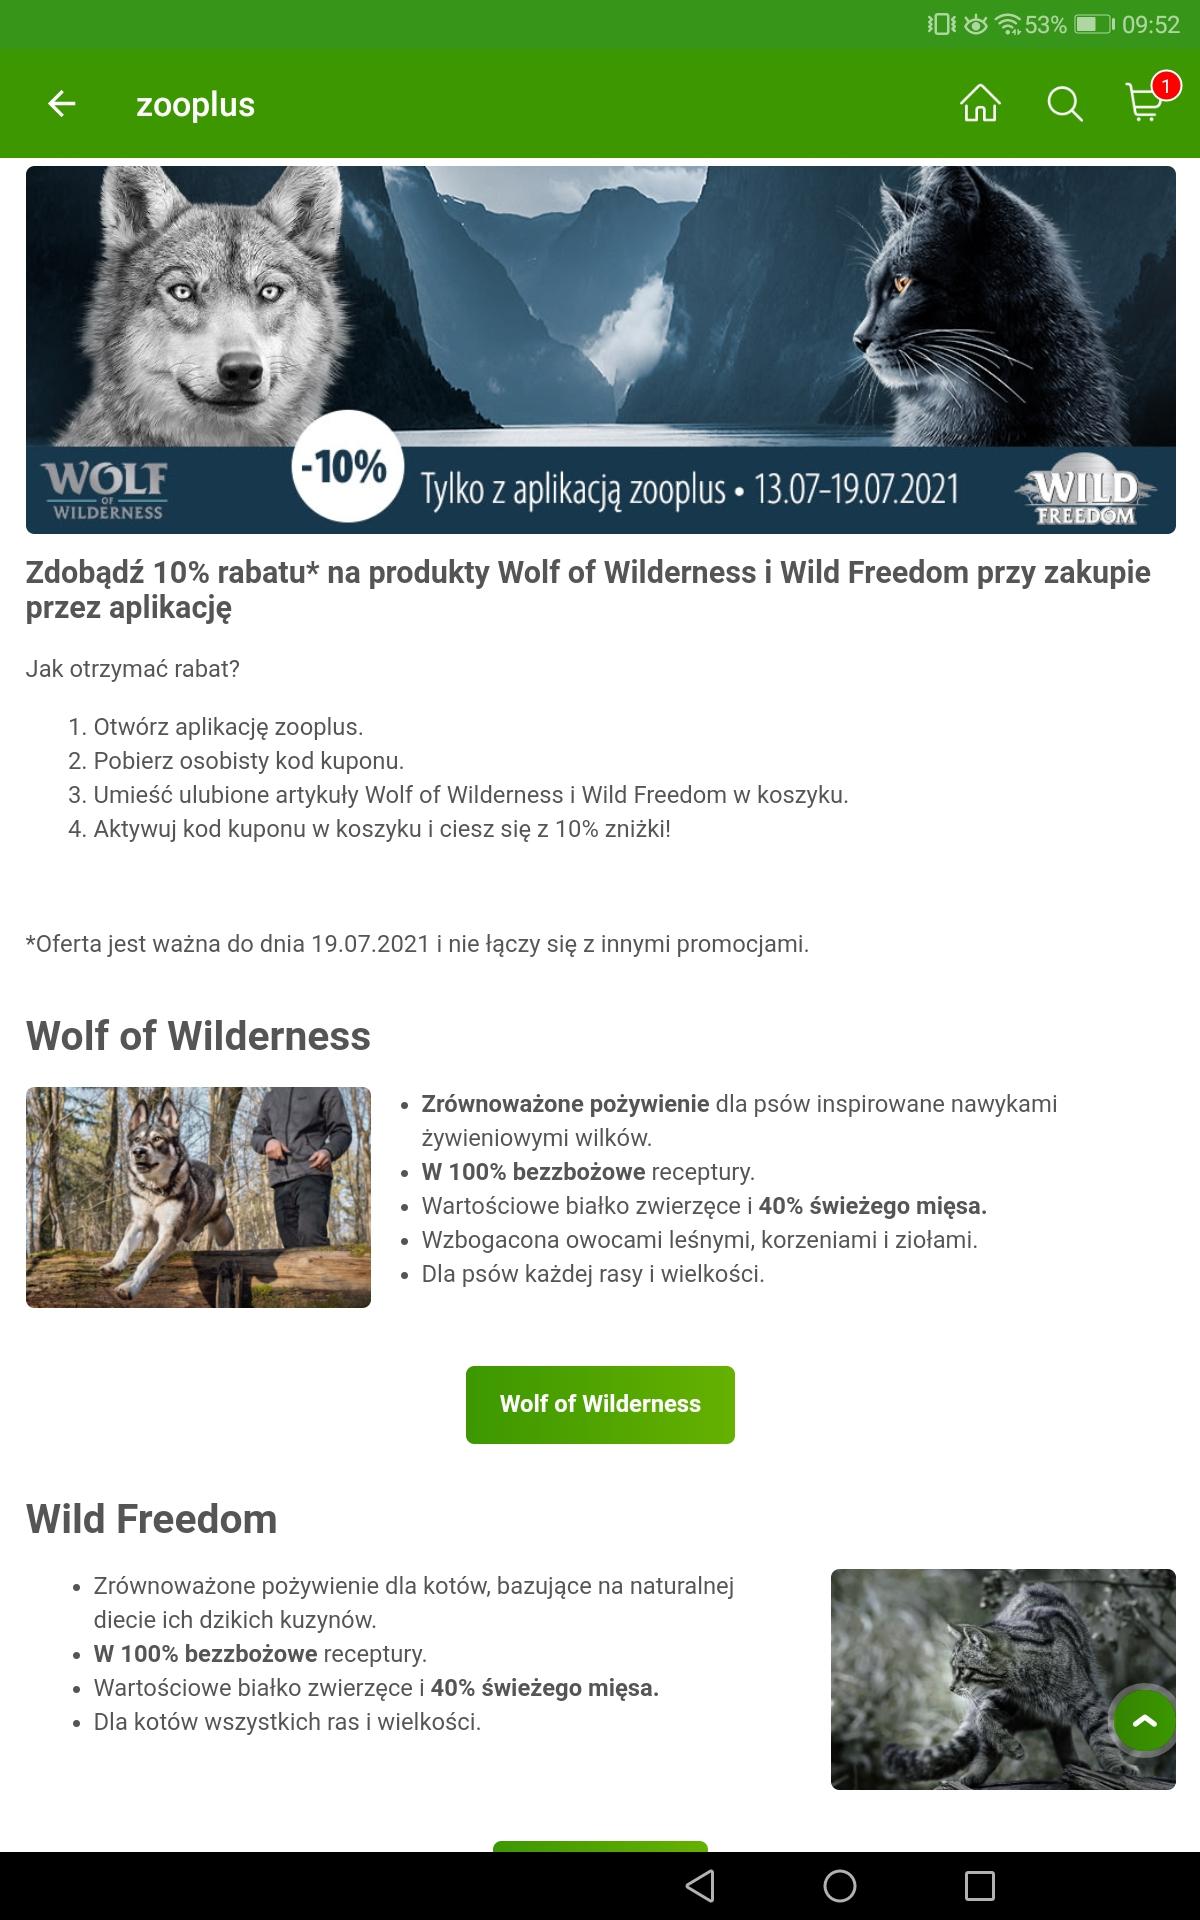 Zooplus aplikacja 10% rabatu na wszystkie produkty marki Wolf of Wilderness i Wild Freedom